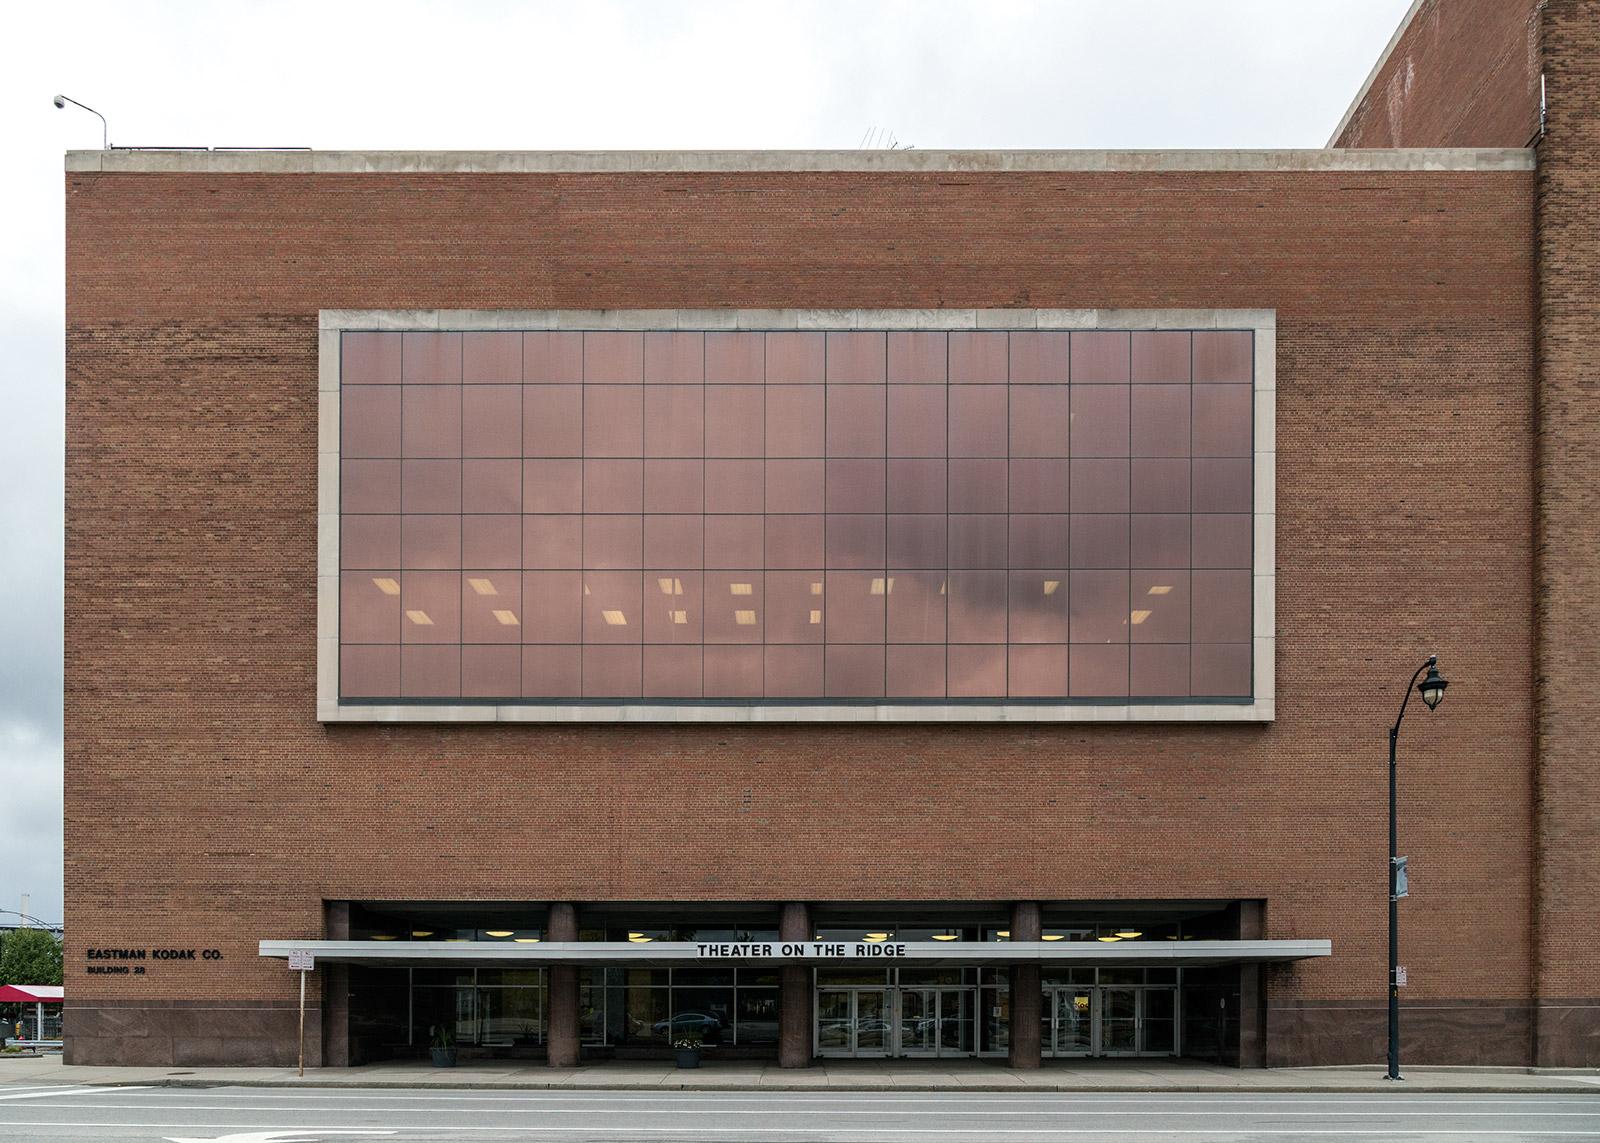 20141102. Today, the 1964-seat Theater on the Ridge (Kodak Build